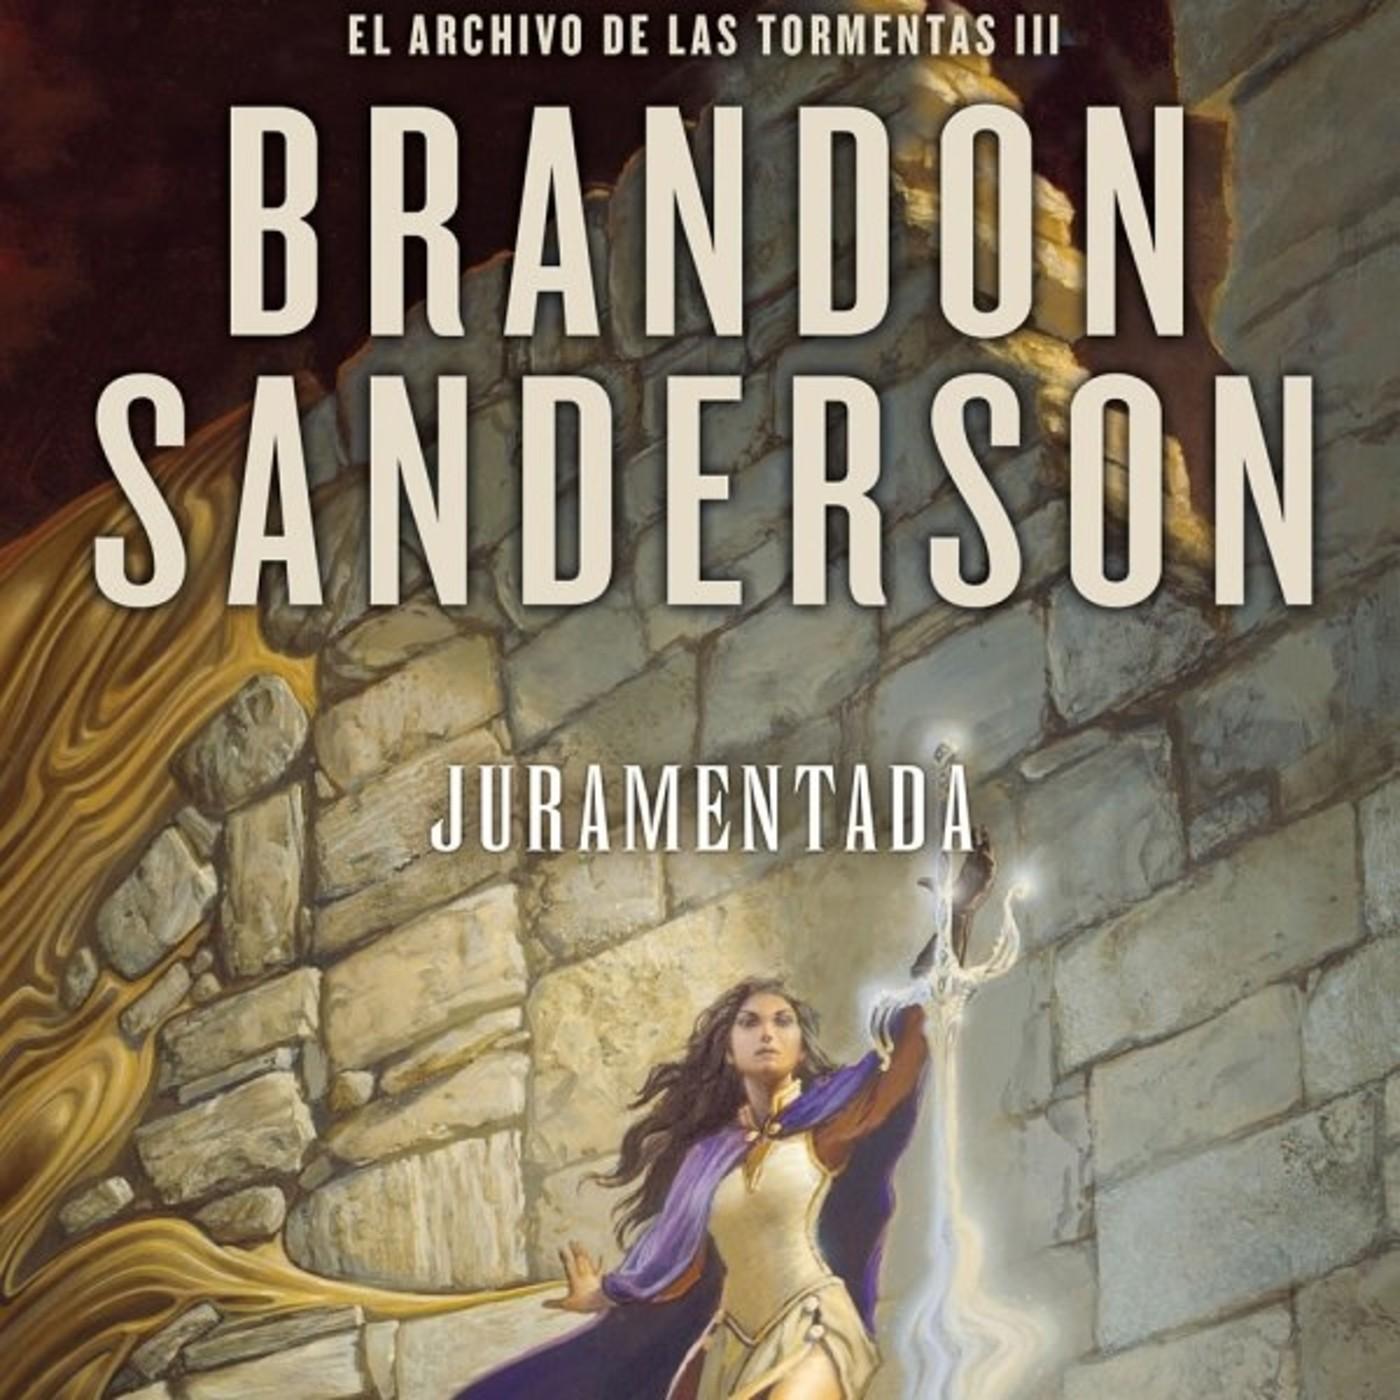 Juramentada 24 - Arch Tormentas 3 - Brandon sanderson en Mis lecturas en  mp3(25/06 a las 22:51:19) 01:53:37 26723516 - iVoox